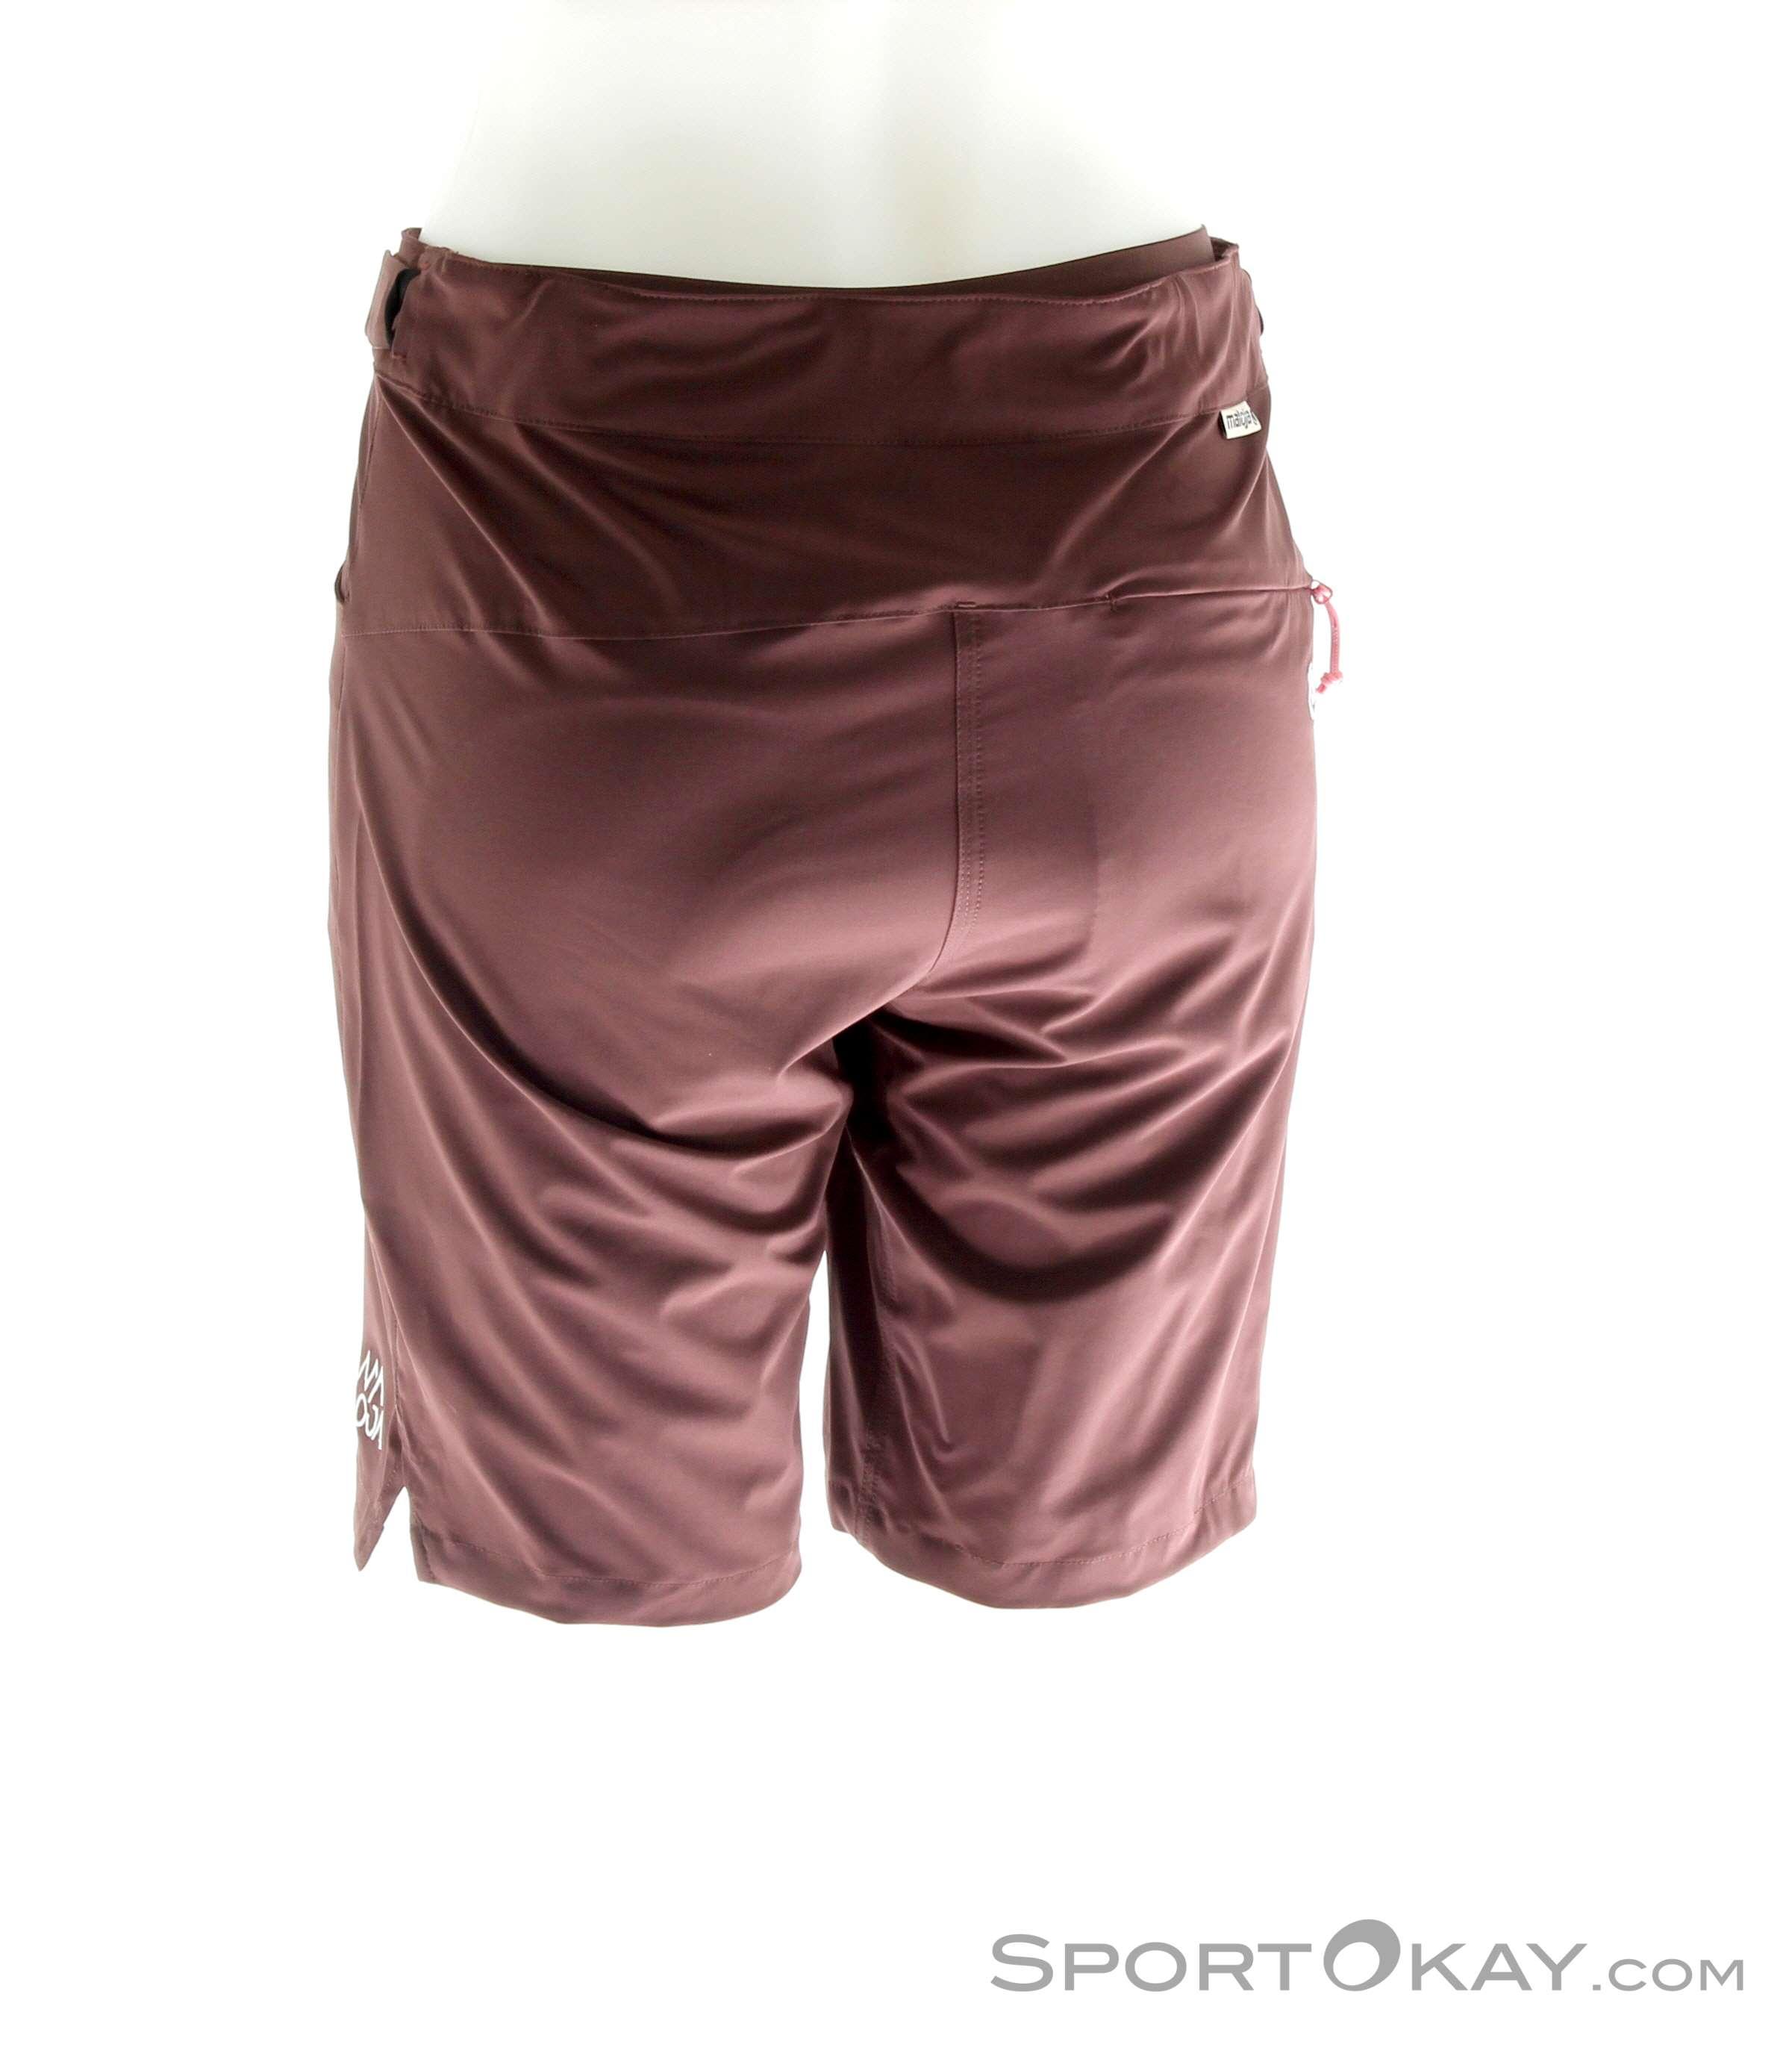 Pantaloncini da Ciclismo Maloja Vielm.Bib da Uomo